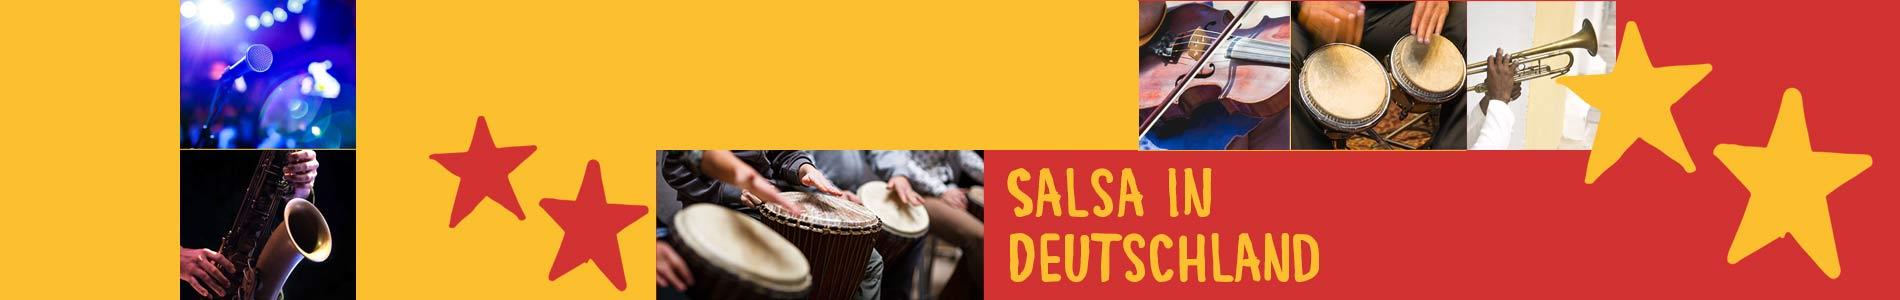 Salsa in Brunnthal – Salsa lernen und tanzen, Tanzkurse, Partys, Veranstaltungen